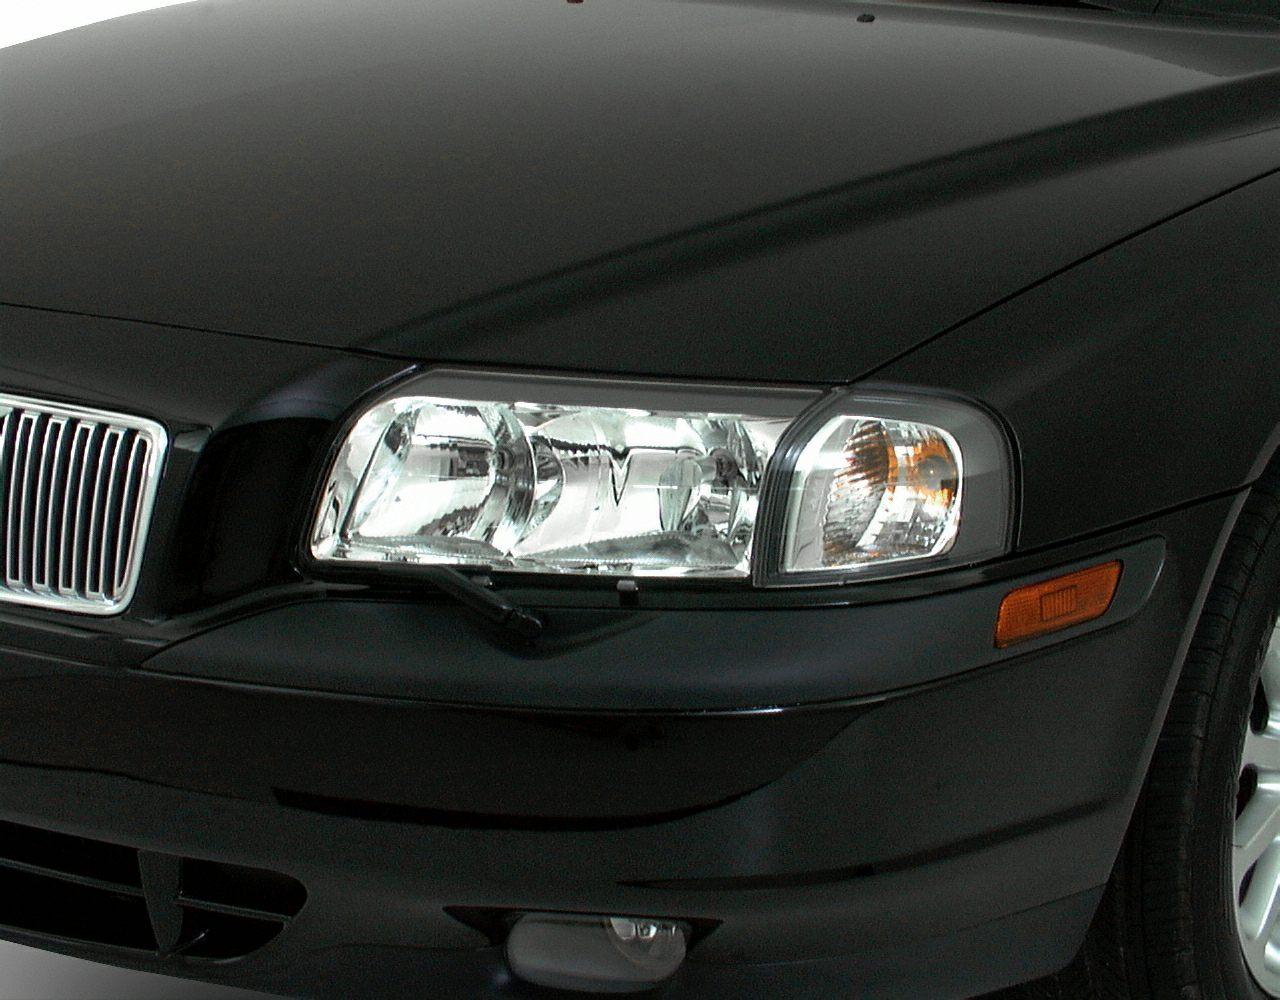 2000 Volvo S80 Exterior Photo